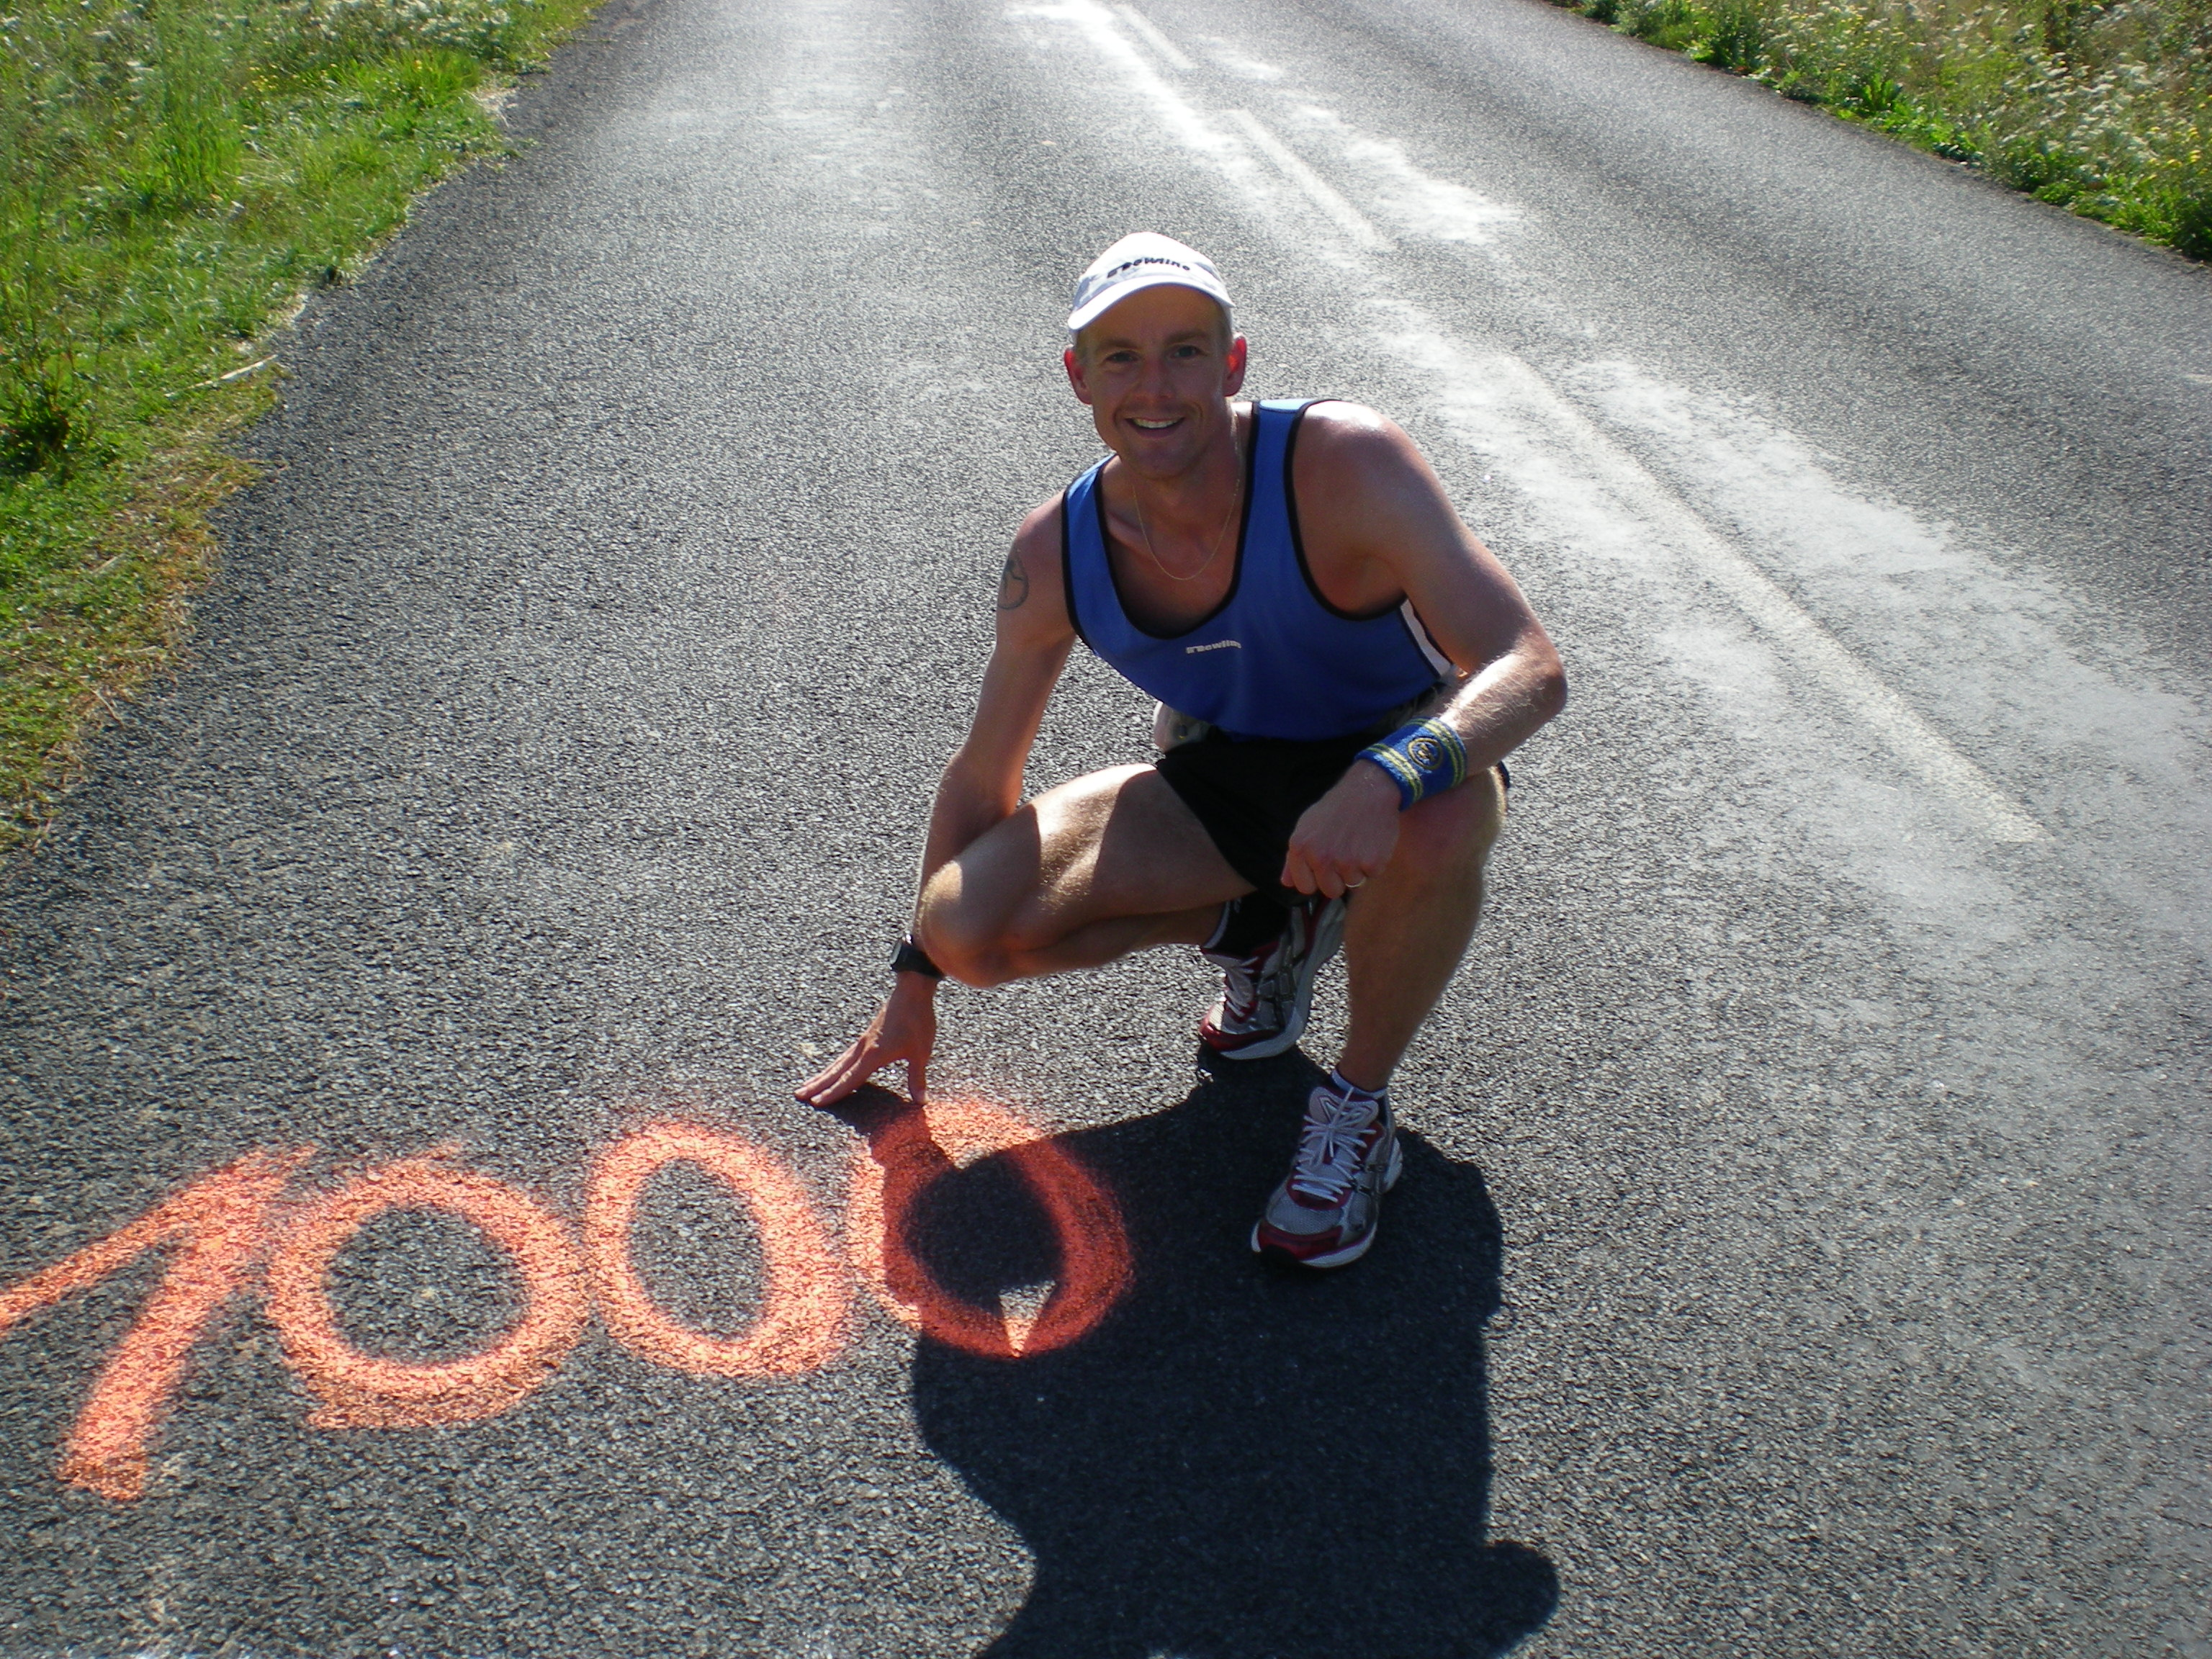 1000 kilometers